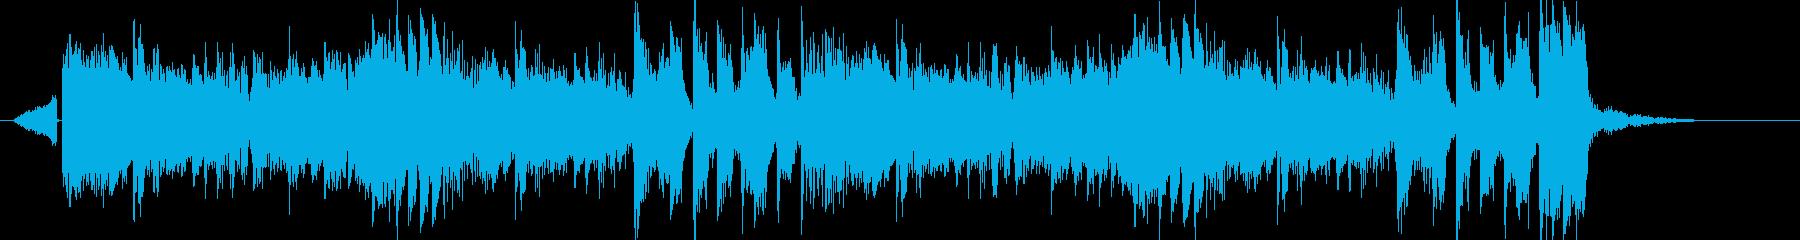 シンセベース電子系リズムのEDMジングルの再生済みの波形